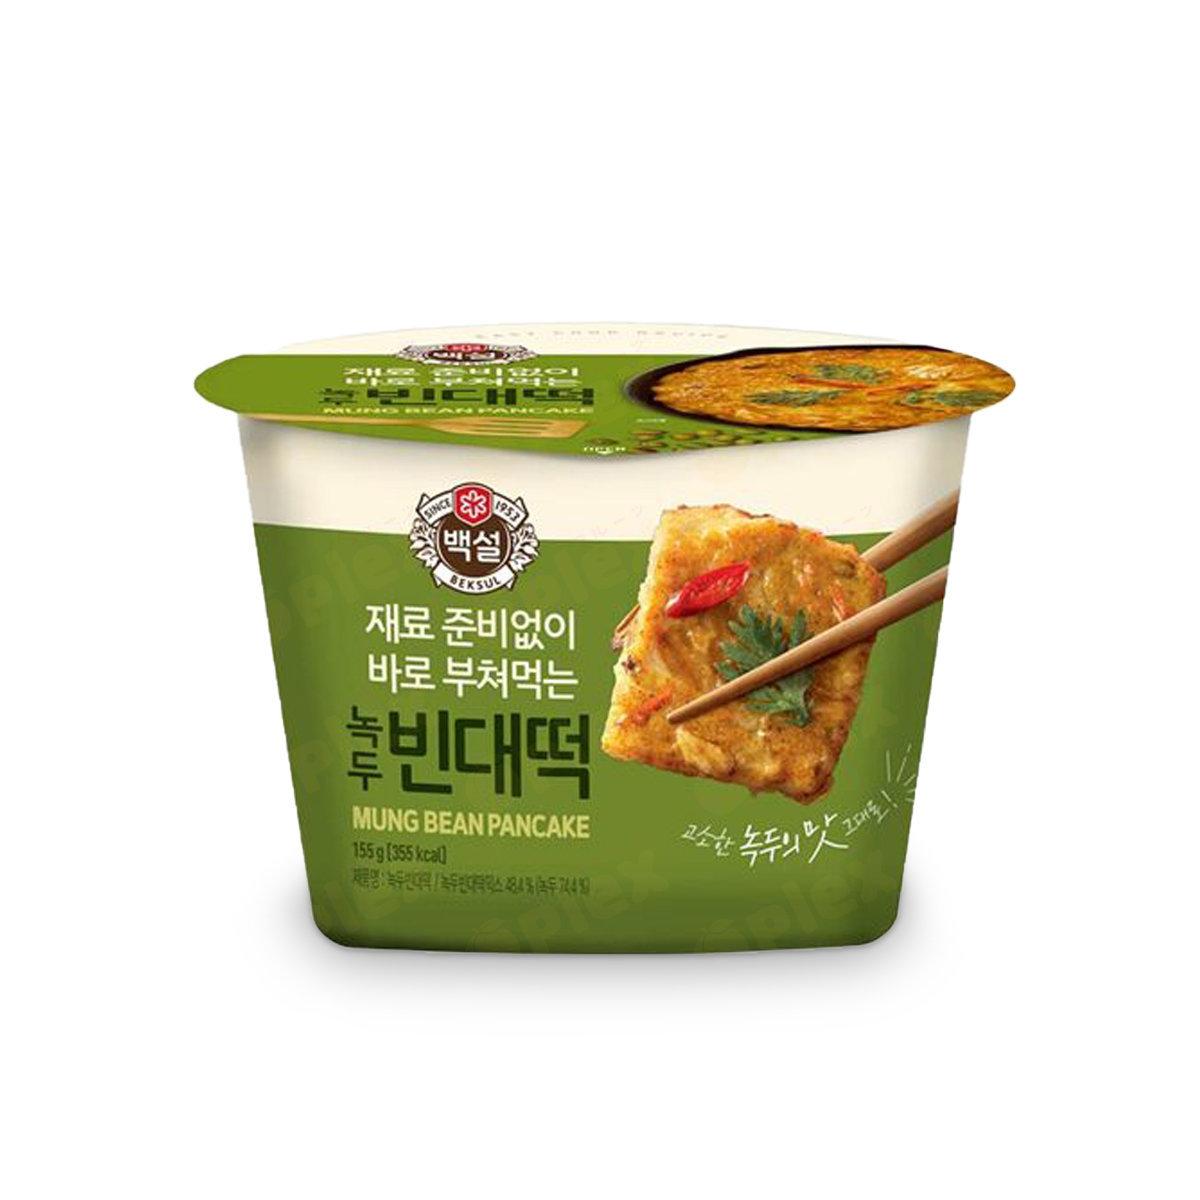 CJ Easy Cook Recipe Korean Pancake - Mung Bean (155g)